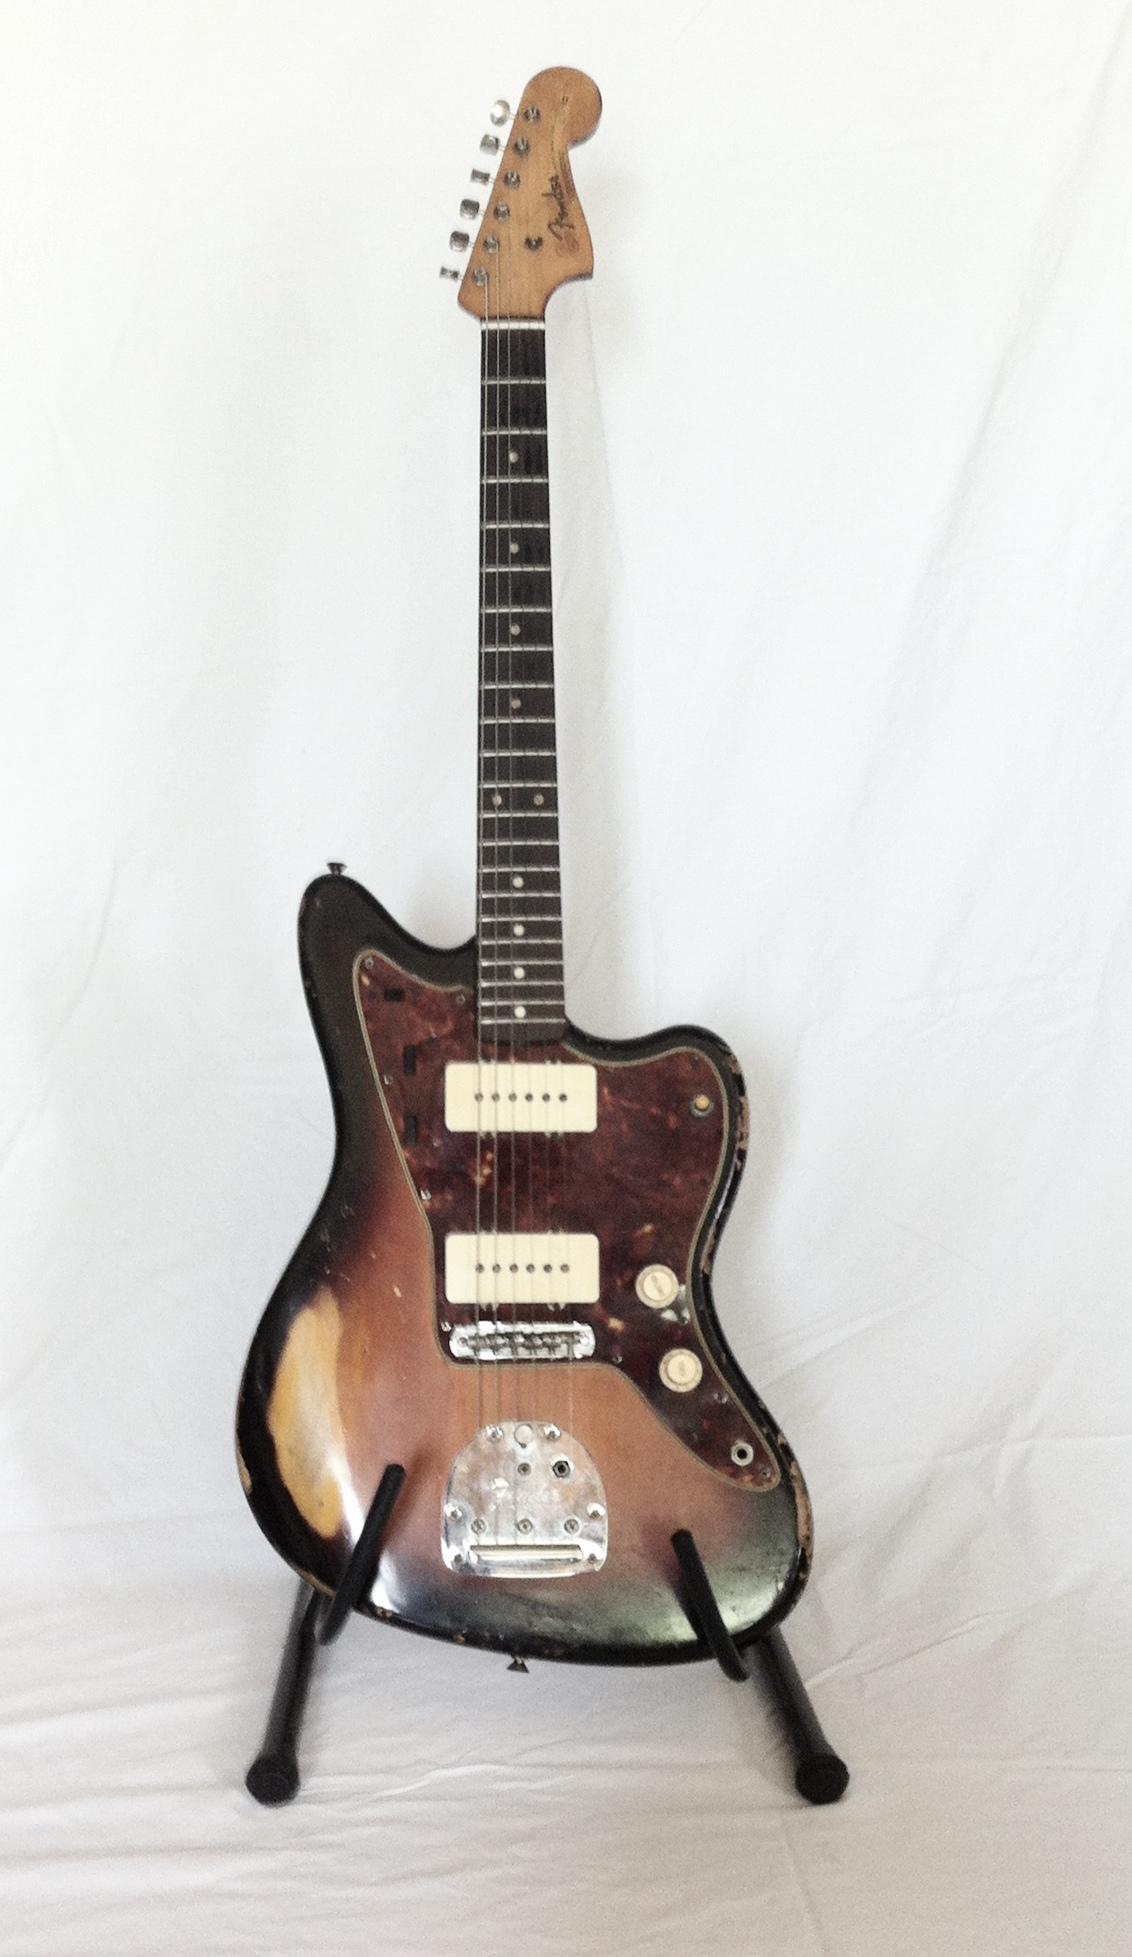 Jaguar amp eric stone - 2 6